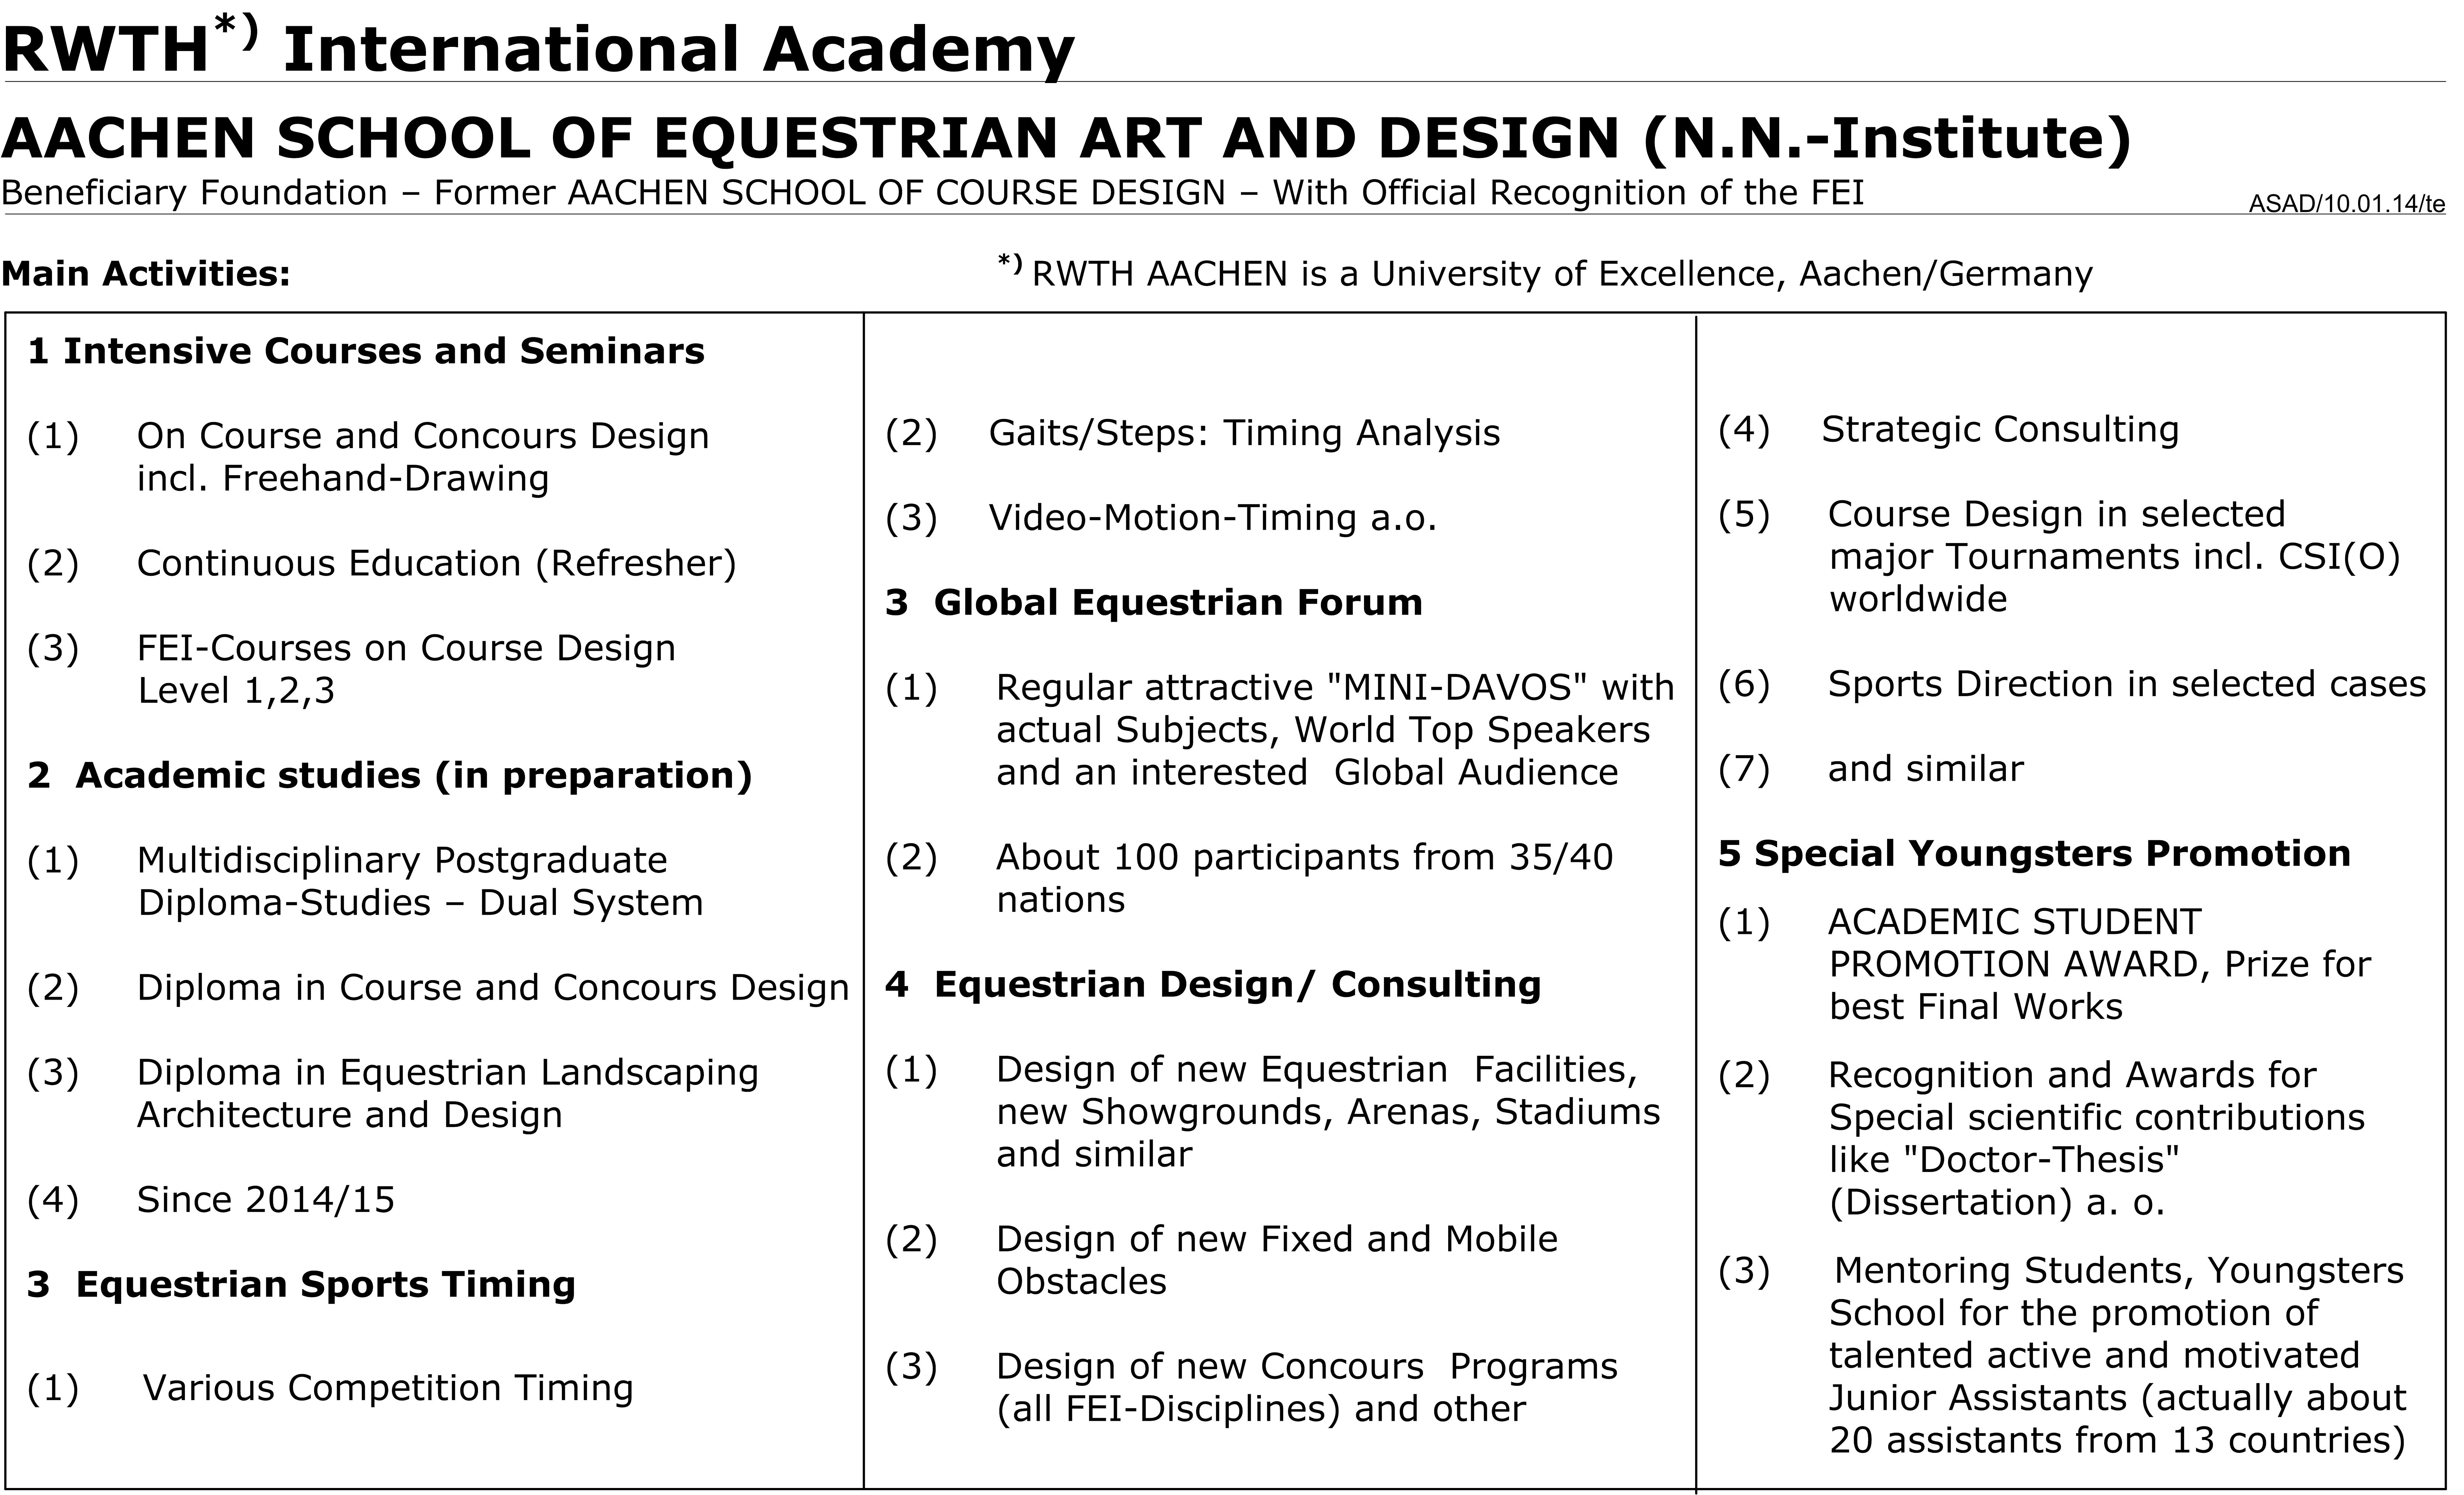 RWTH_International_Academy